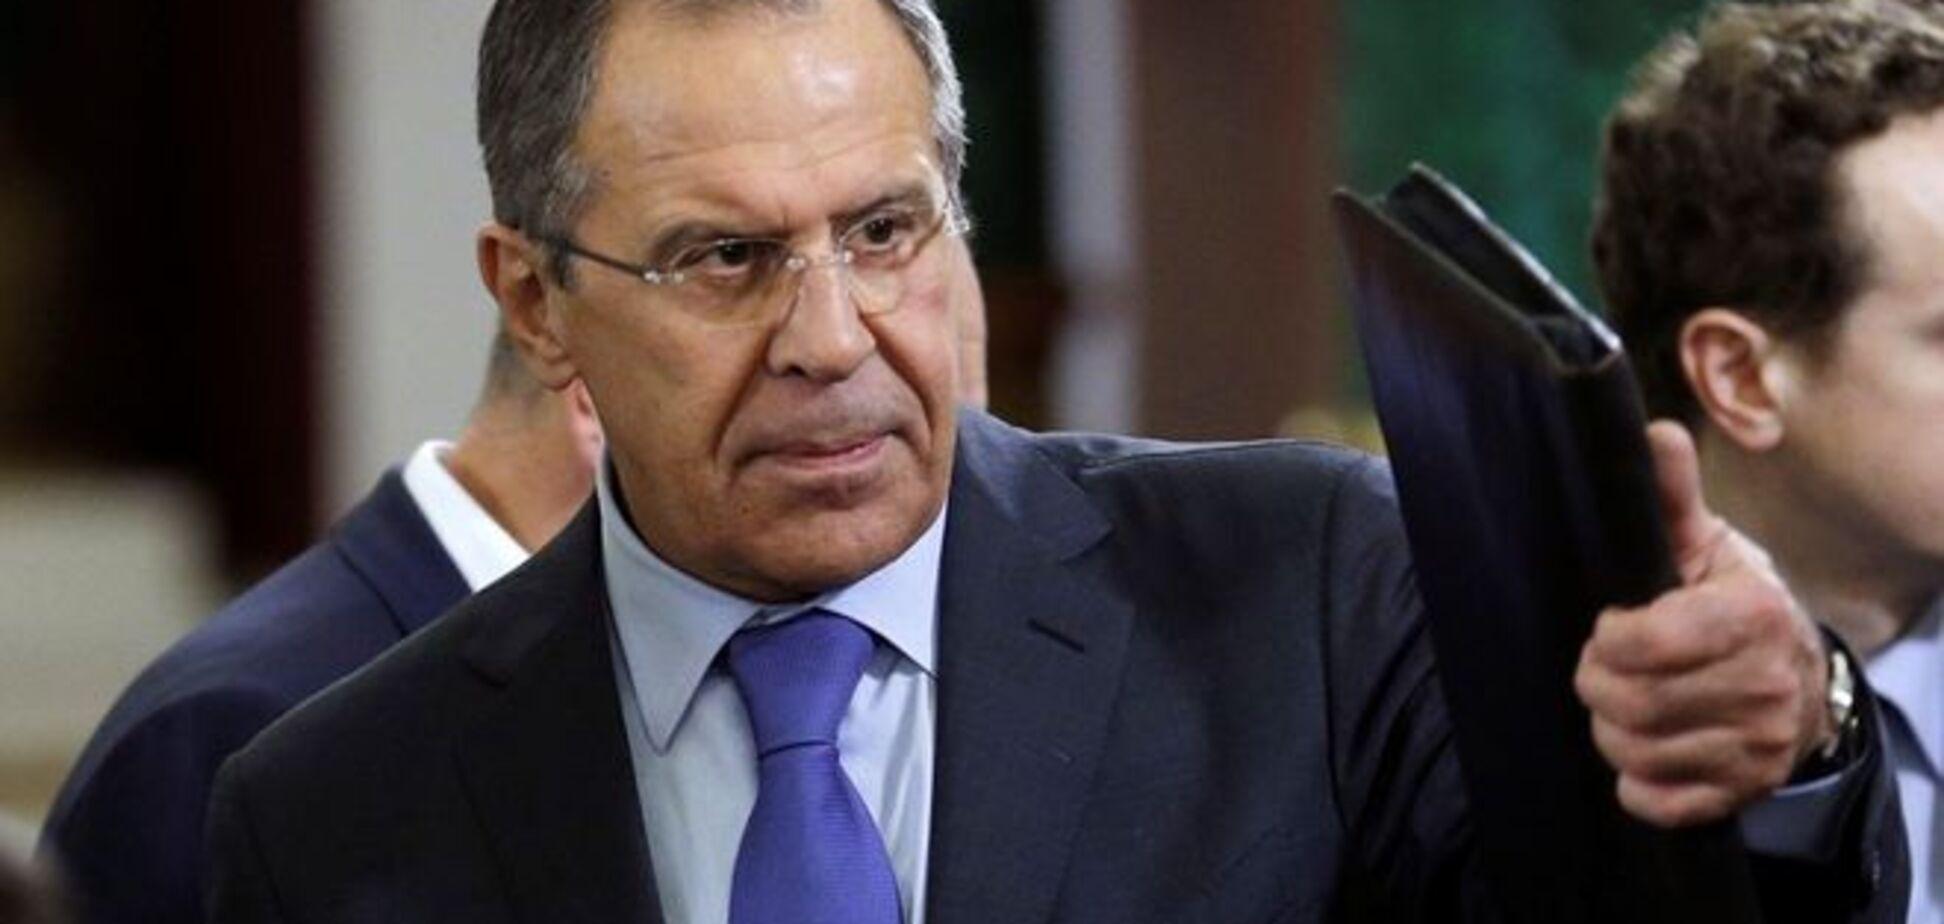 Лавров не считает сбитый над Донбассом 'Боинг' угрозой миру и безопасности